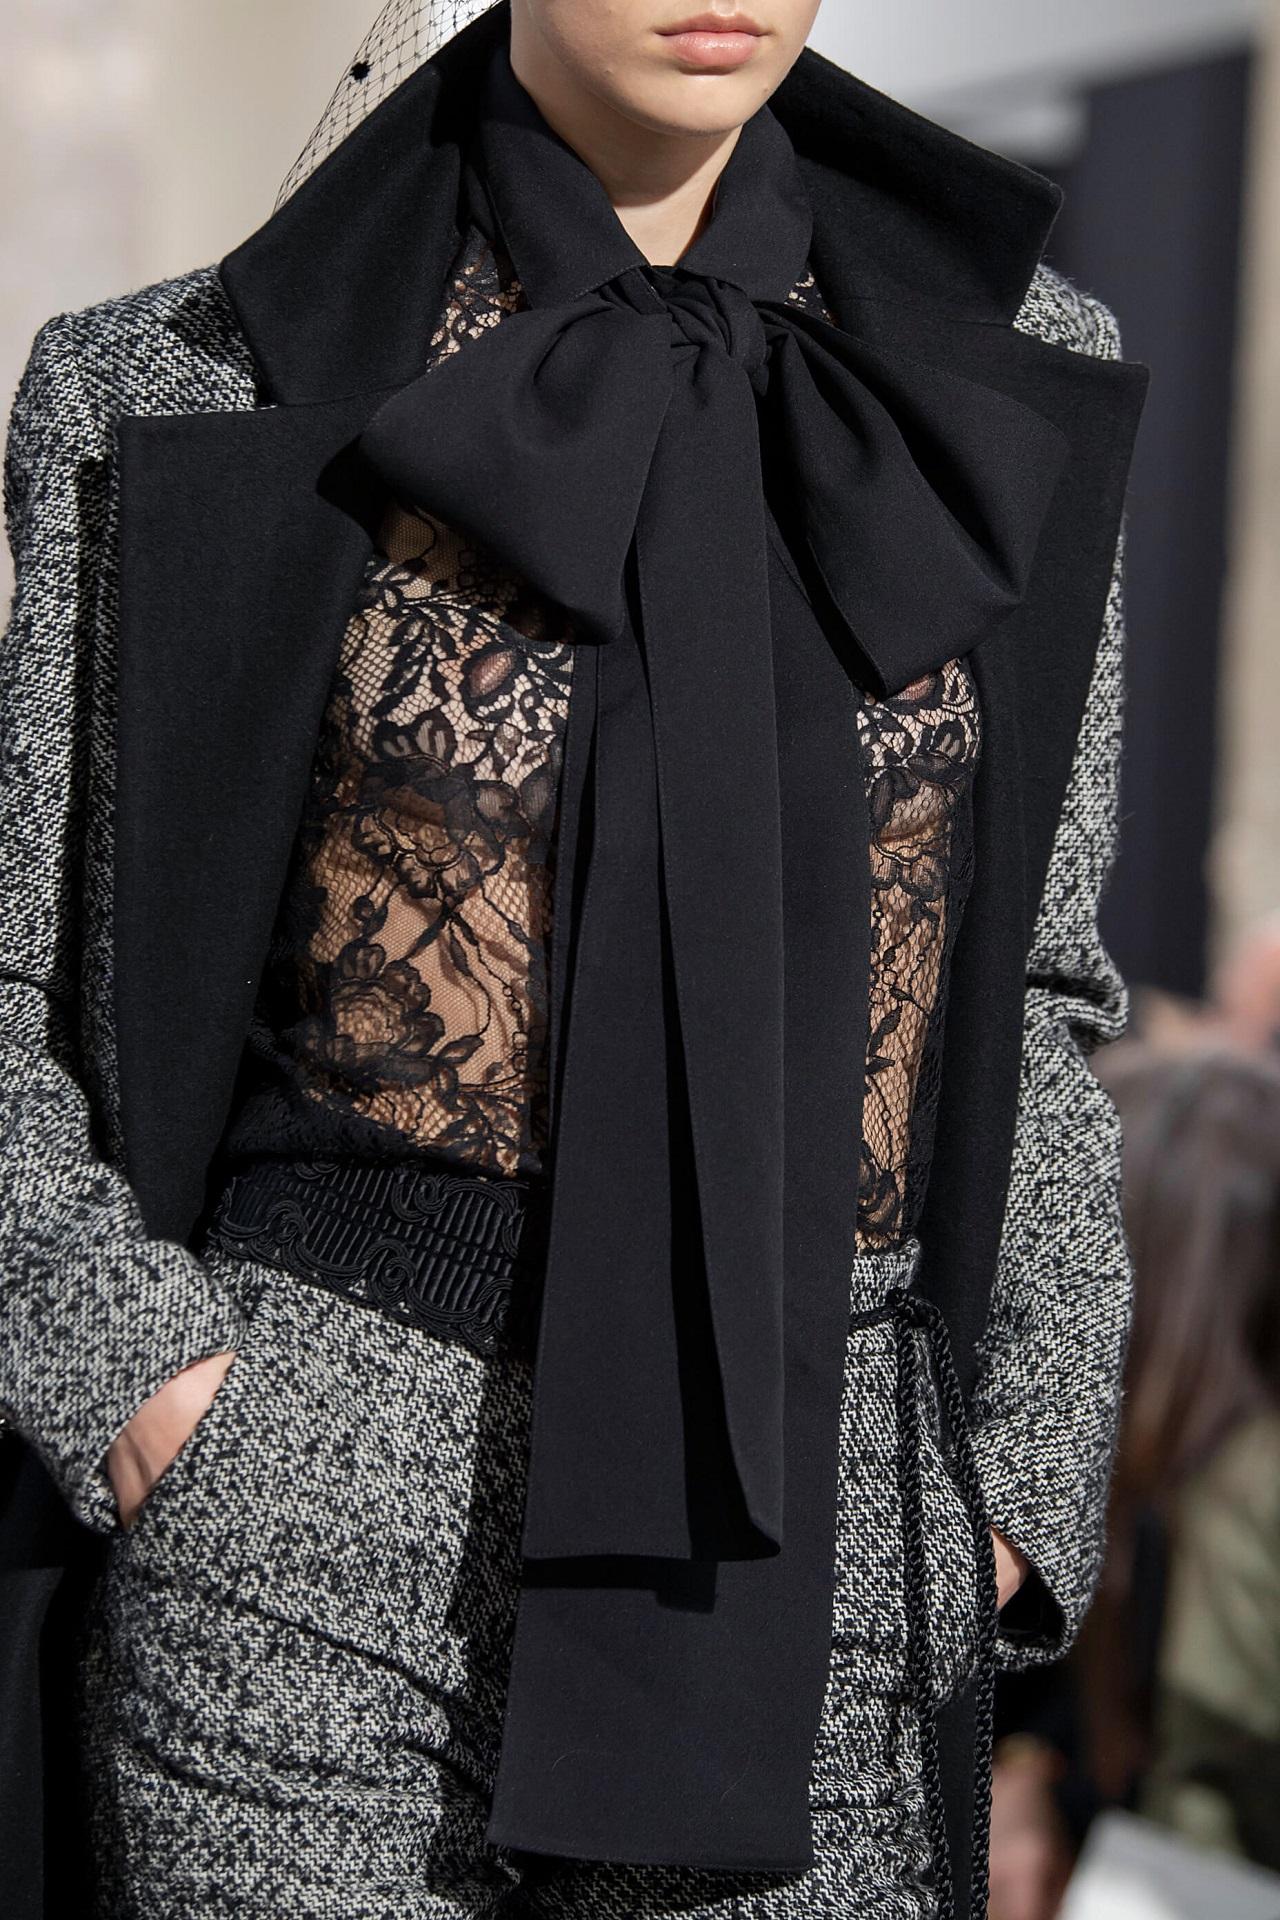 Анна на шее: 8 самых модных вариаций шарфов сезона осень-зима 2020/21-Фото 3